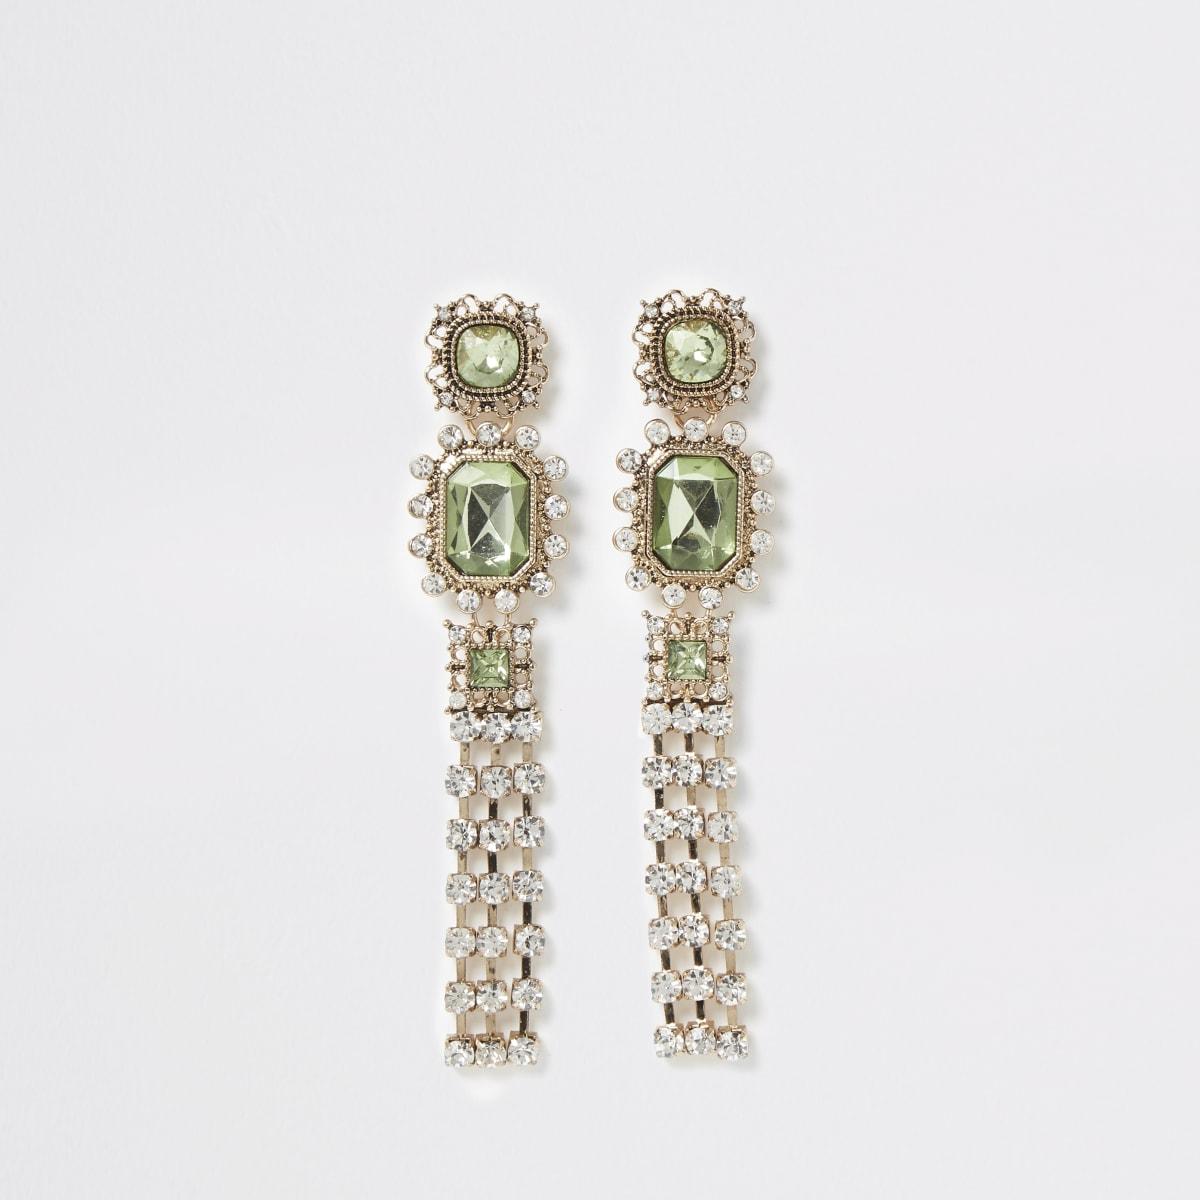 Green jewel ornate tassel drop earrings